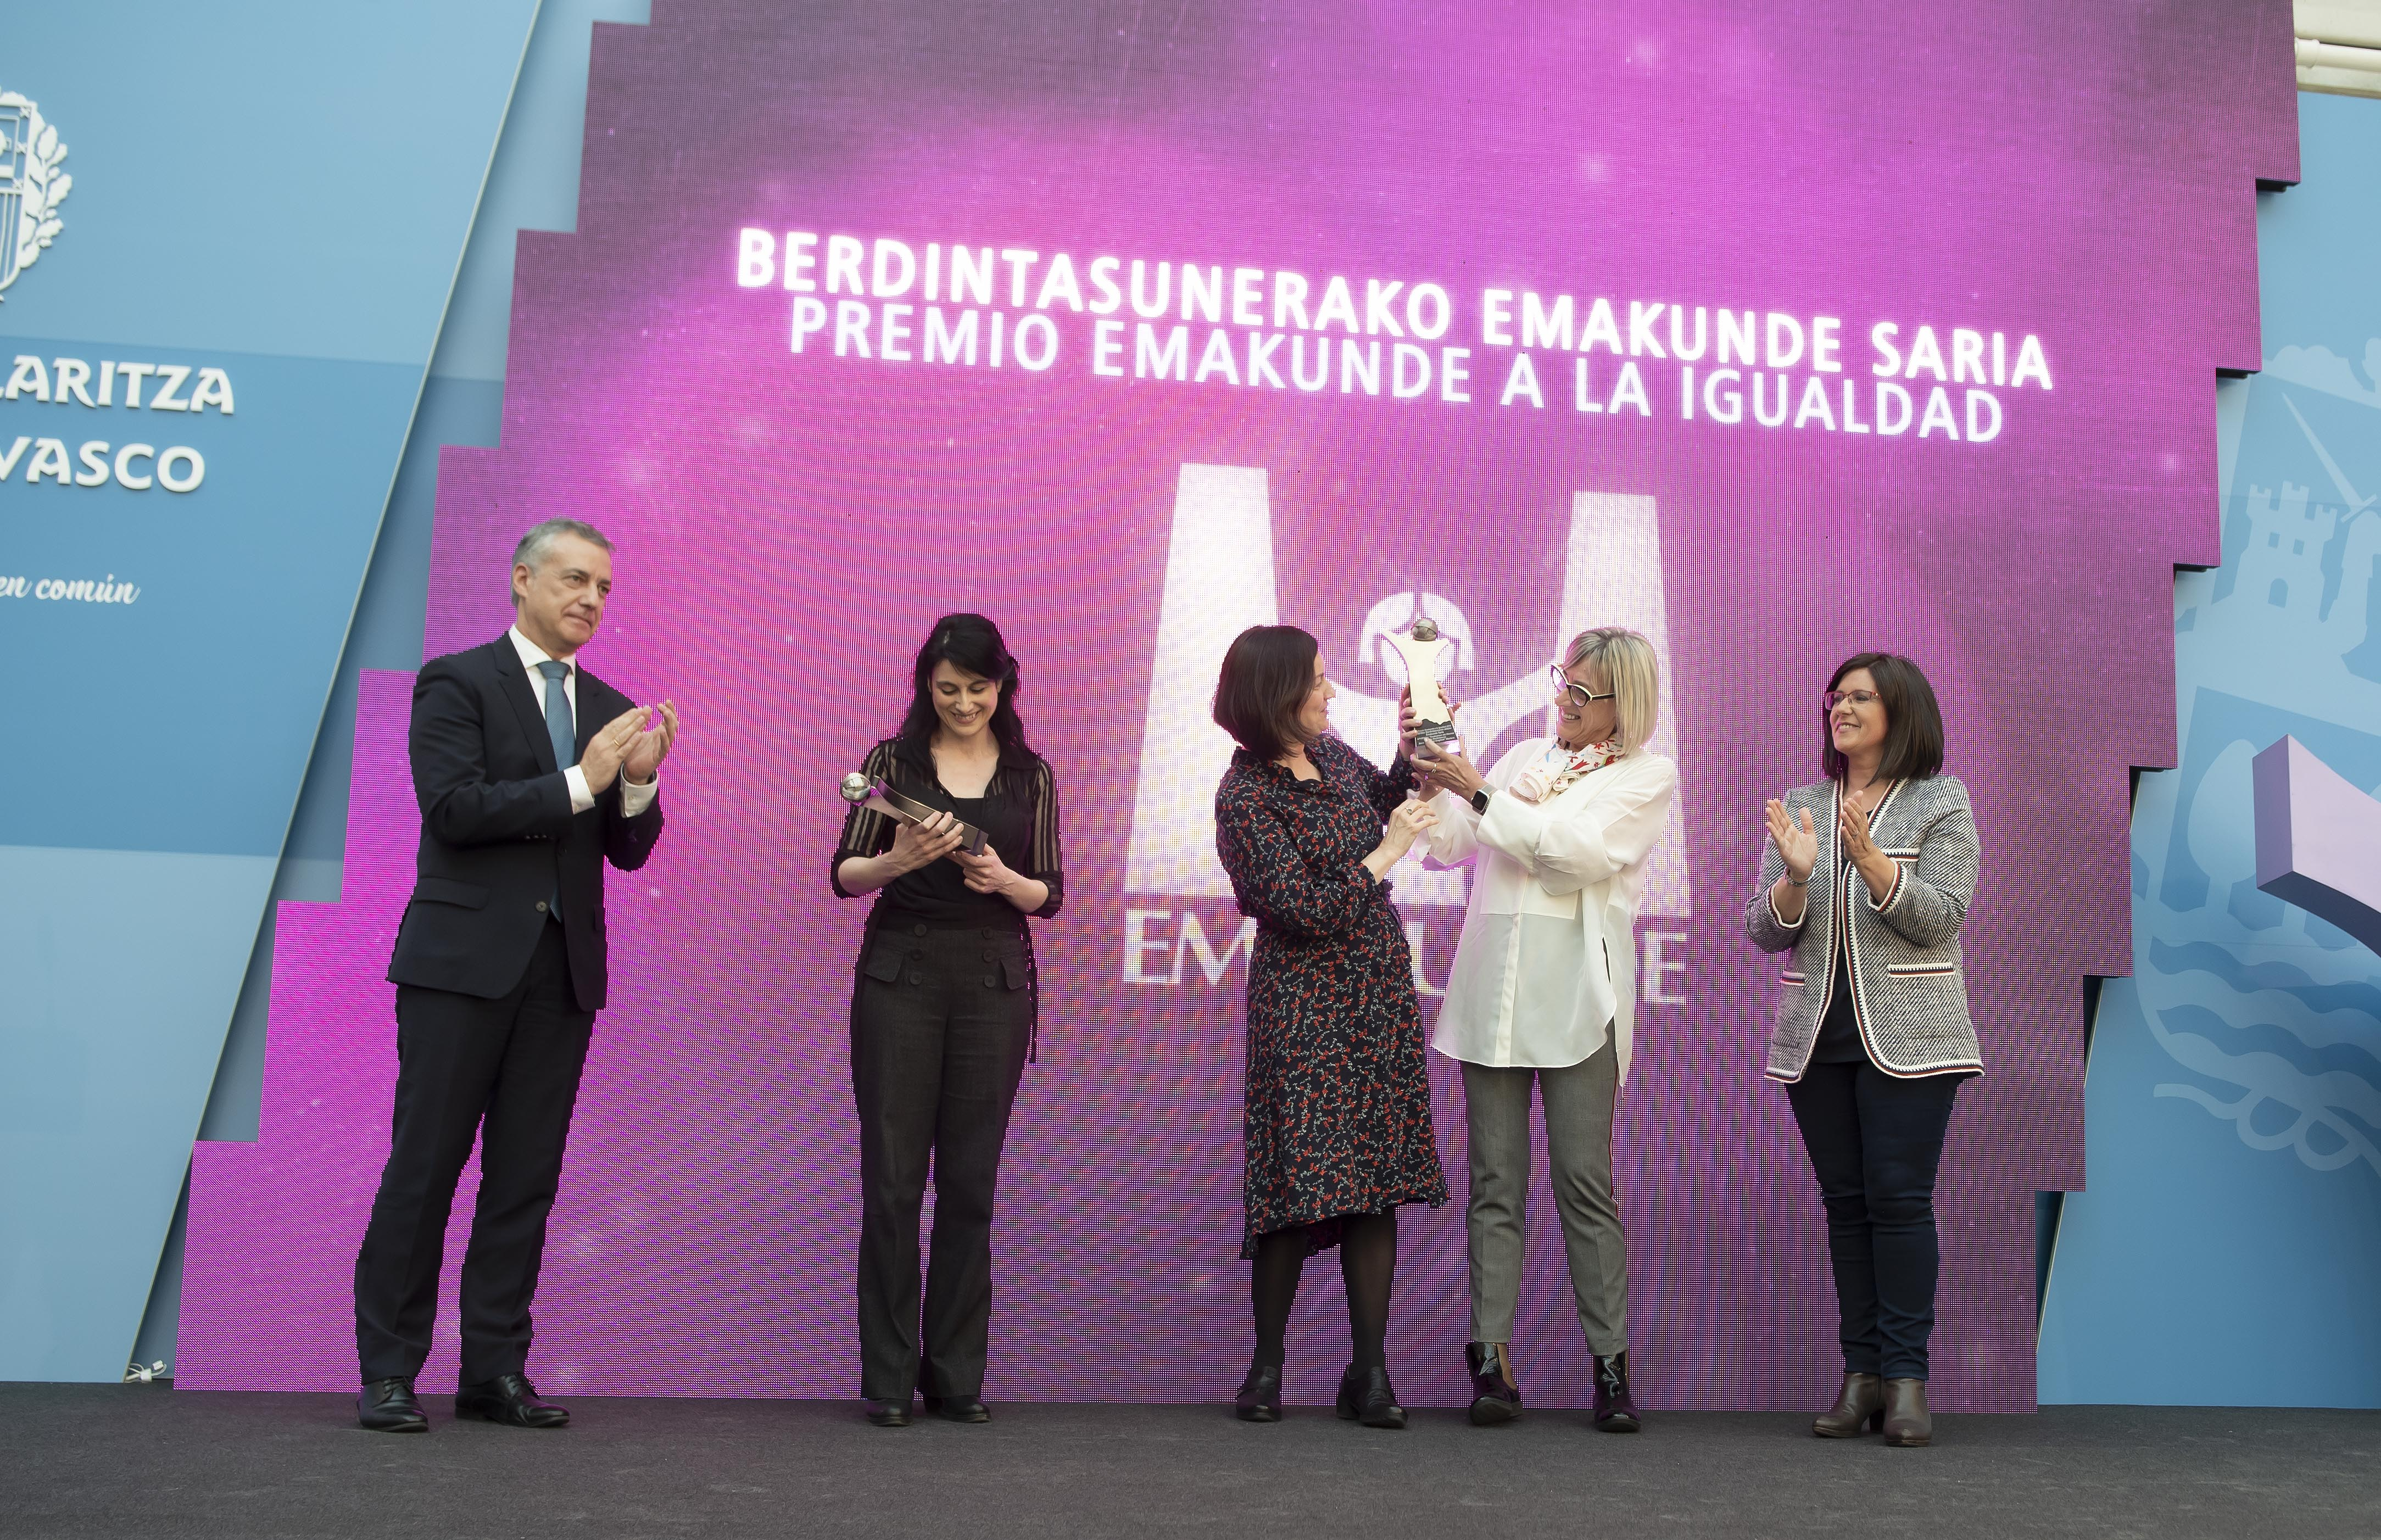 Los másteres de Igualdad de la UPV-EHU y de intervención en violencia contra las mujeres de Deusto reciben el Premio Emakunde